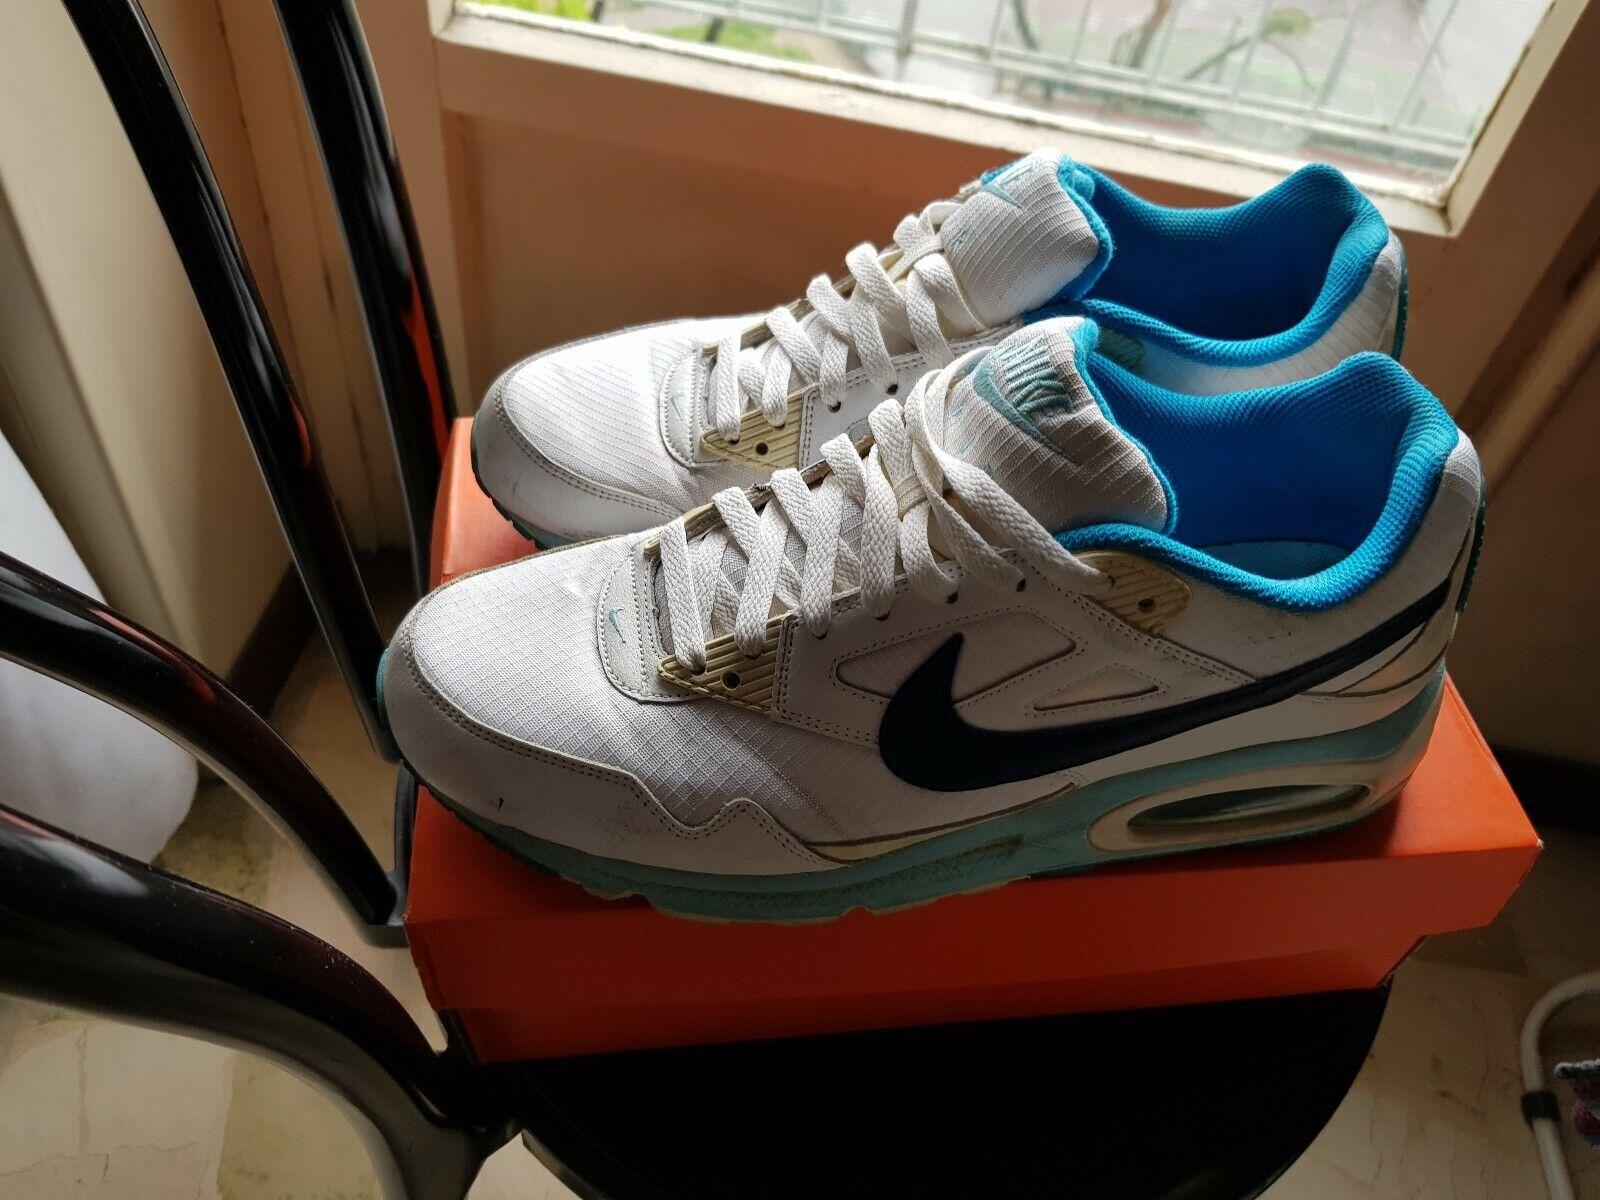 Nike Air Max 90 Essential White Tour Yellow Blue AJ1285 101